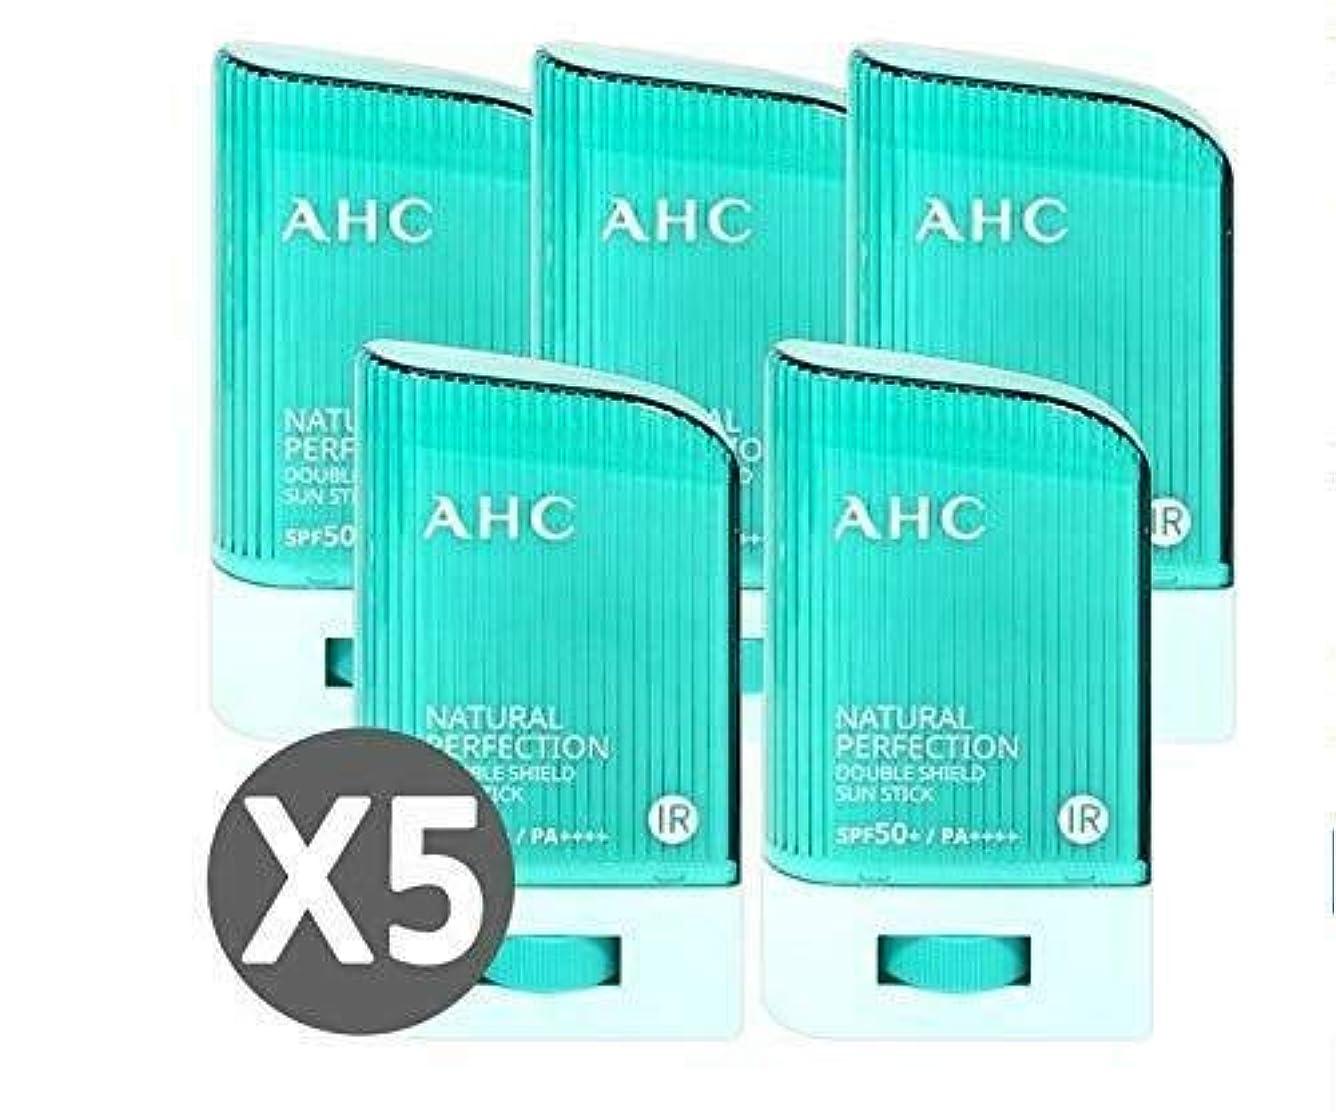 オフセット配る夜間[ 5個セット ] AHC ナチュラルパーフェクションダブルシールドサンスティック 22g, Natural Perfection Double Shield Sun Stick SPF50+ PA++++